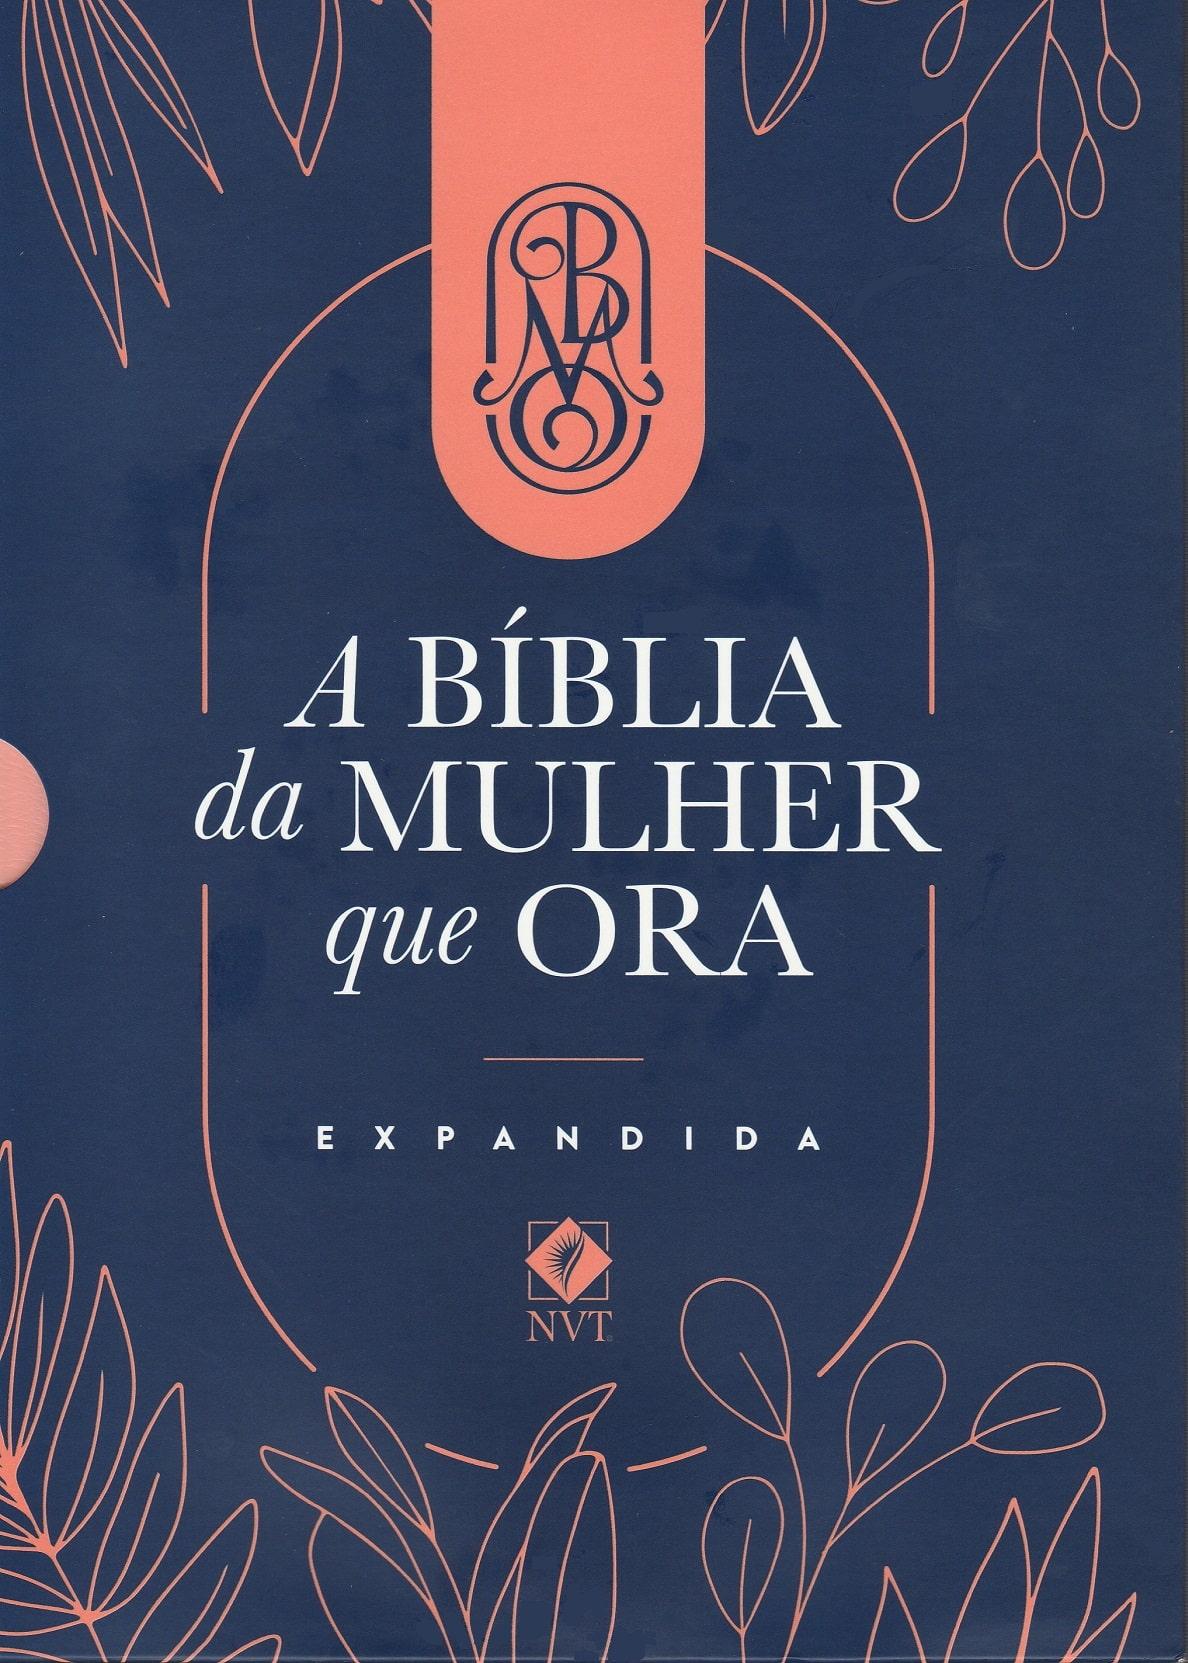 Bíblia NVT - A Bíblia da Mulher que Ora - Salmão - Expandida